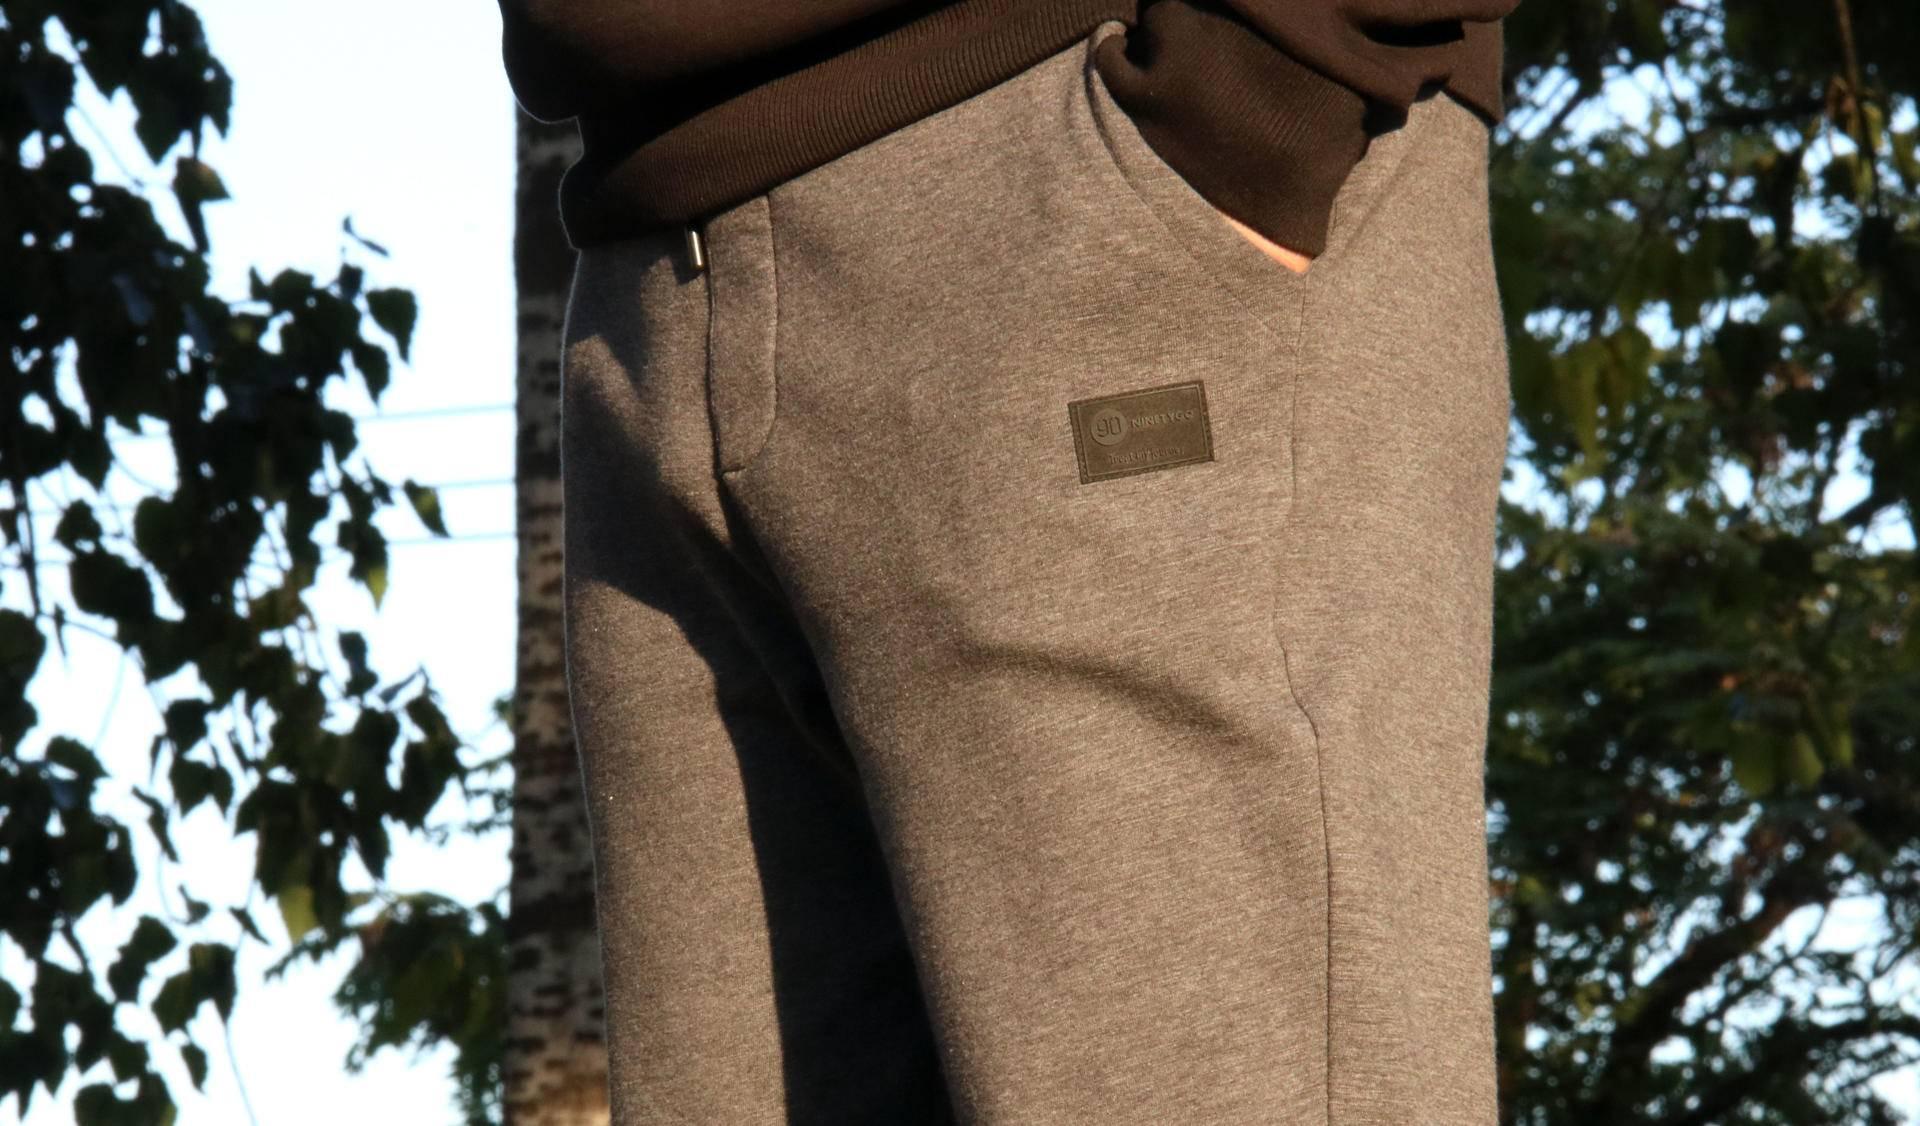 双层复合面料,妈妈们放心的温暖,90分男子加绒保暖卫裤